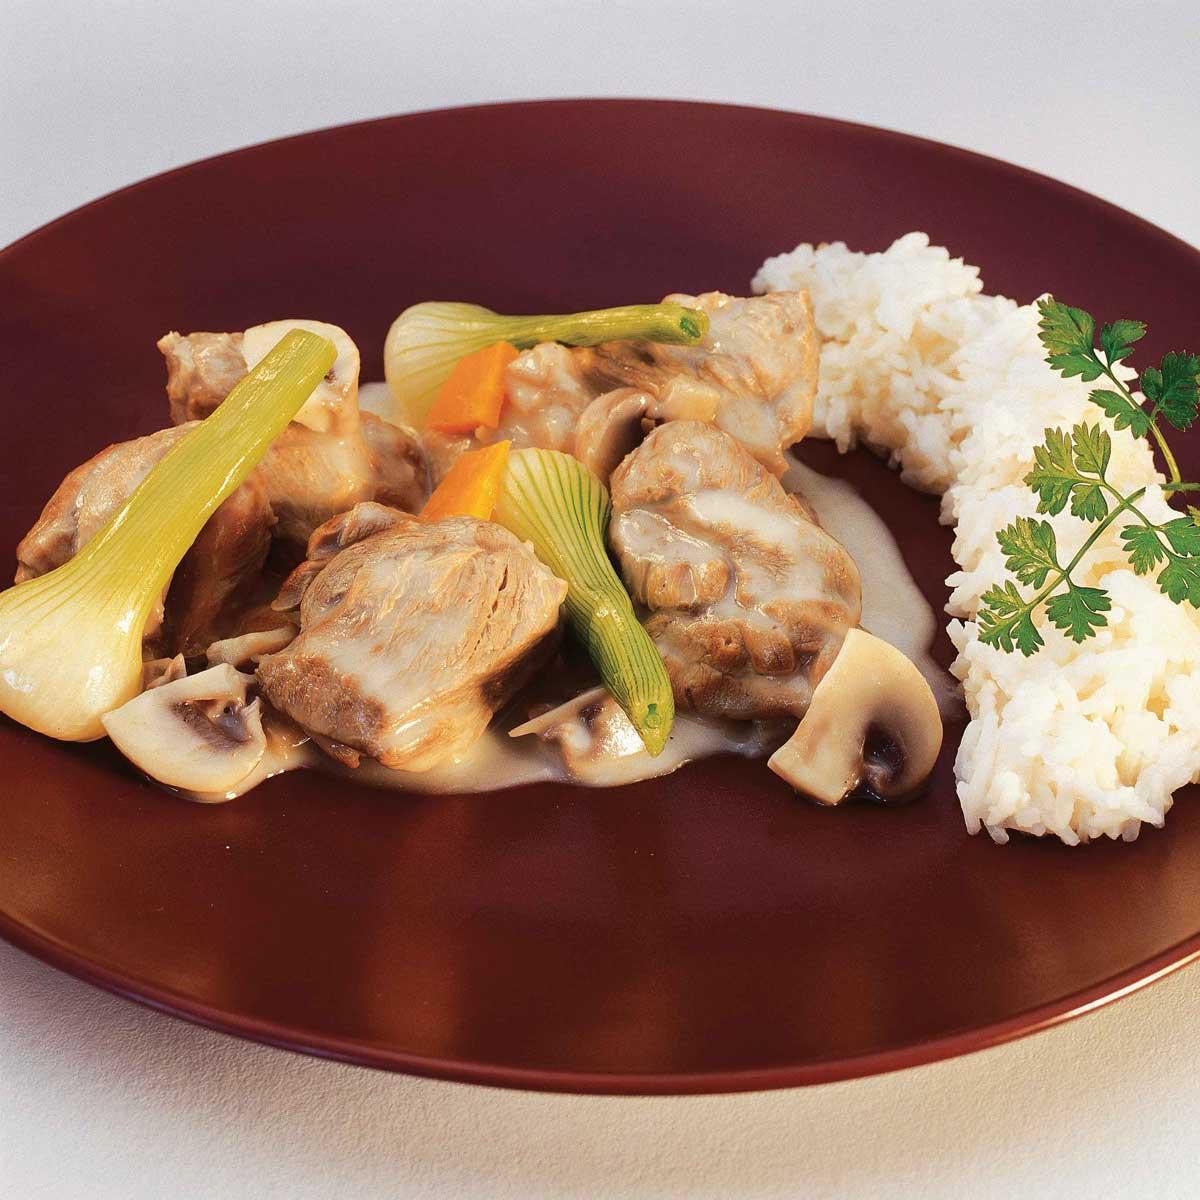 Recette blanquette de veau l 39 ancienne cuisine madame figaro - Recette de cuisine blanquette de veau ...